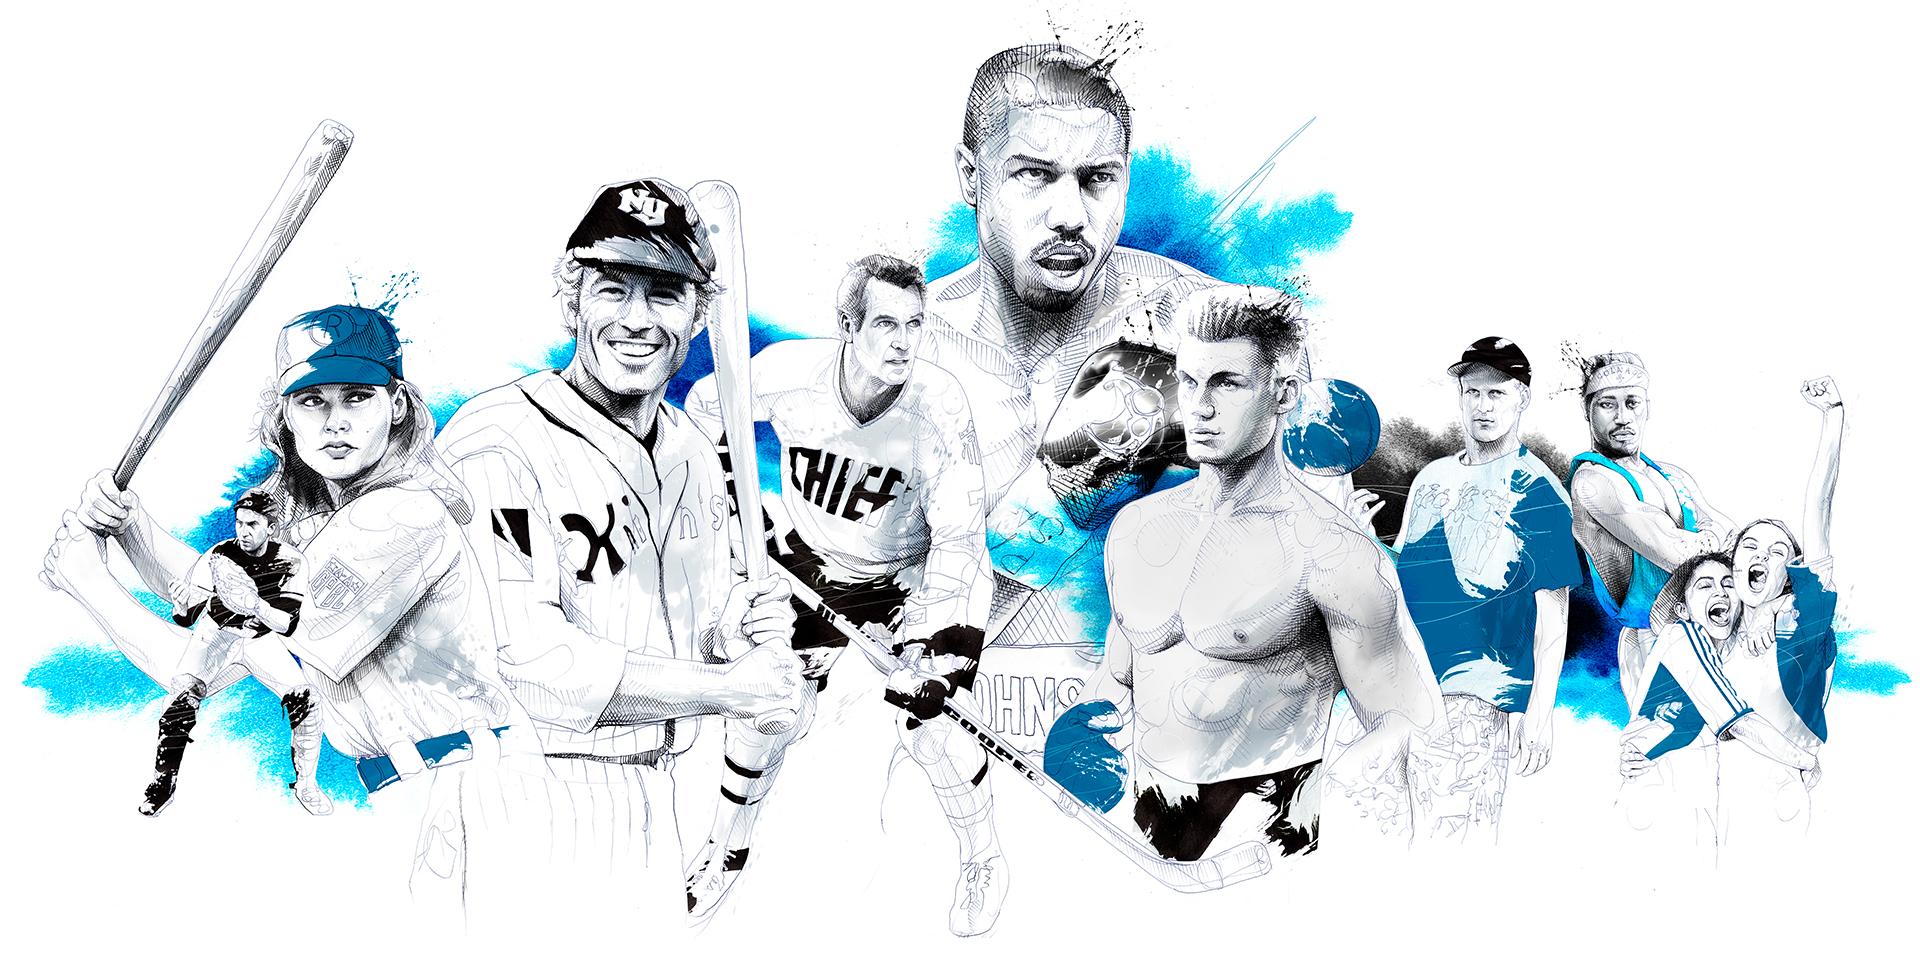 Espn Sports Movies David Despau